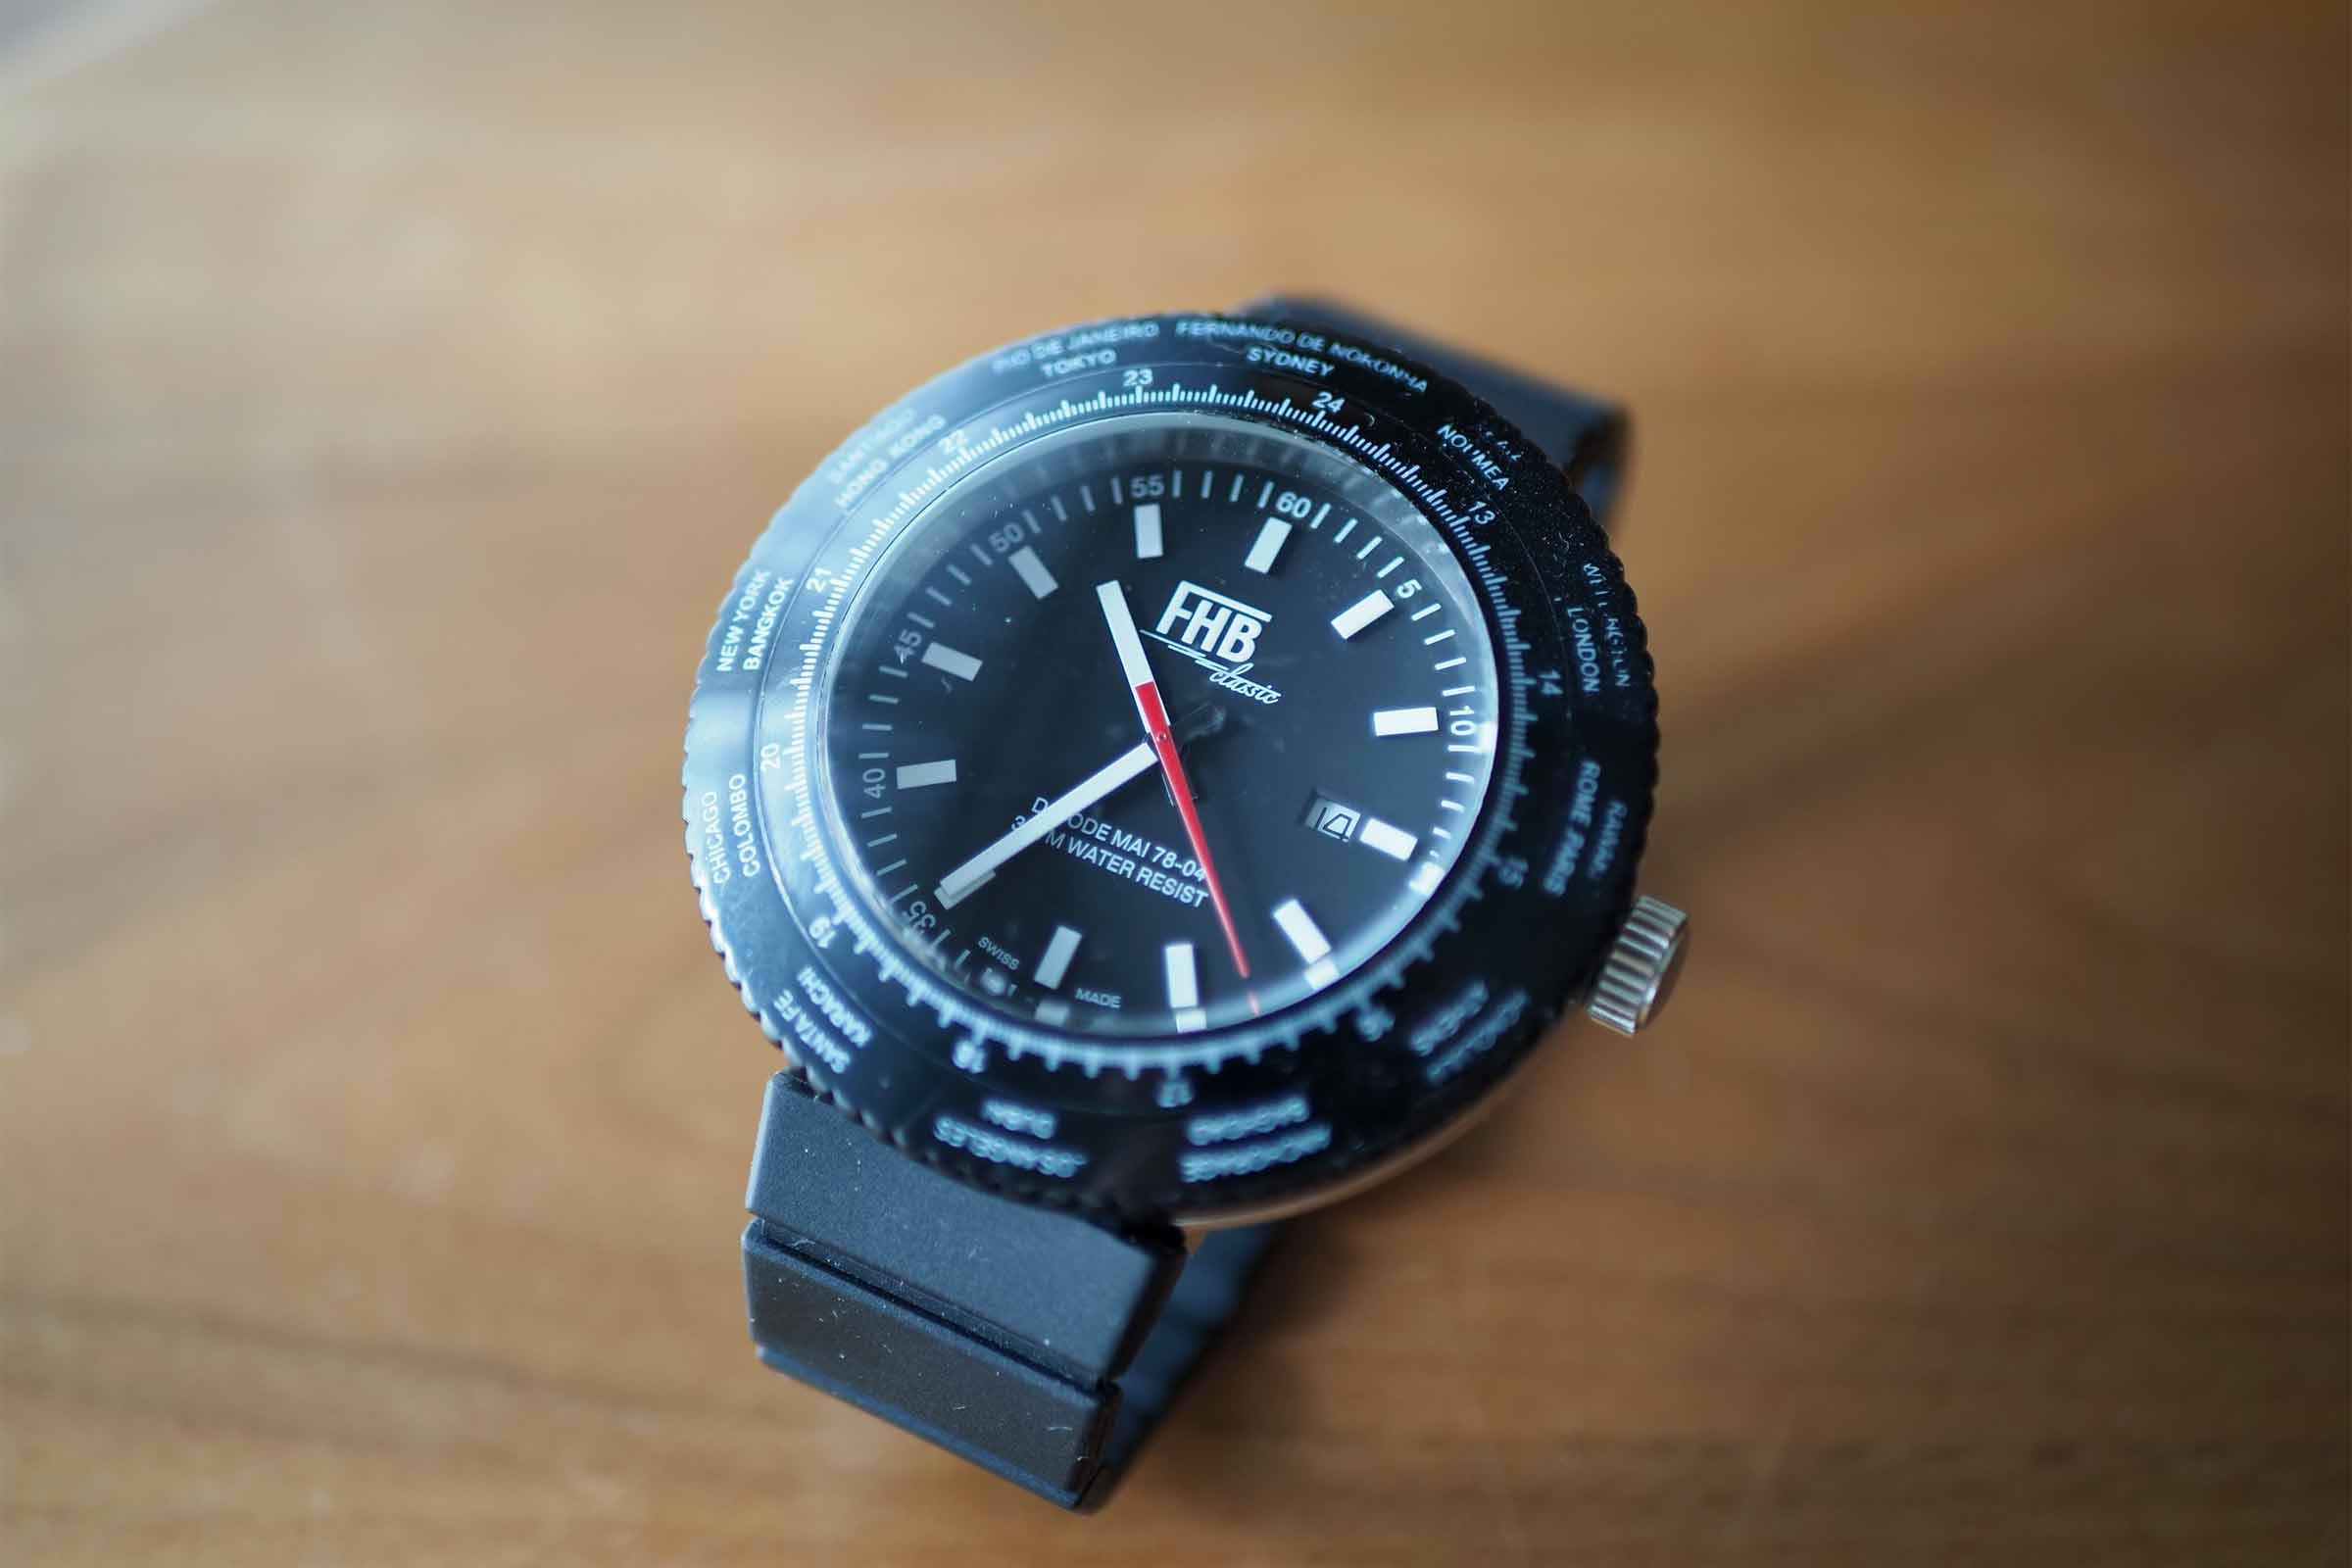 FHB,腕時計,黒,メンズ,ビッグフェイス,お洒落,カッコいい